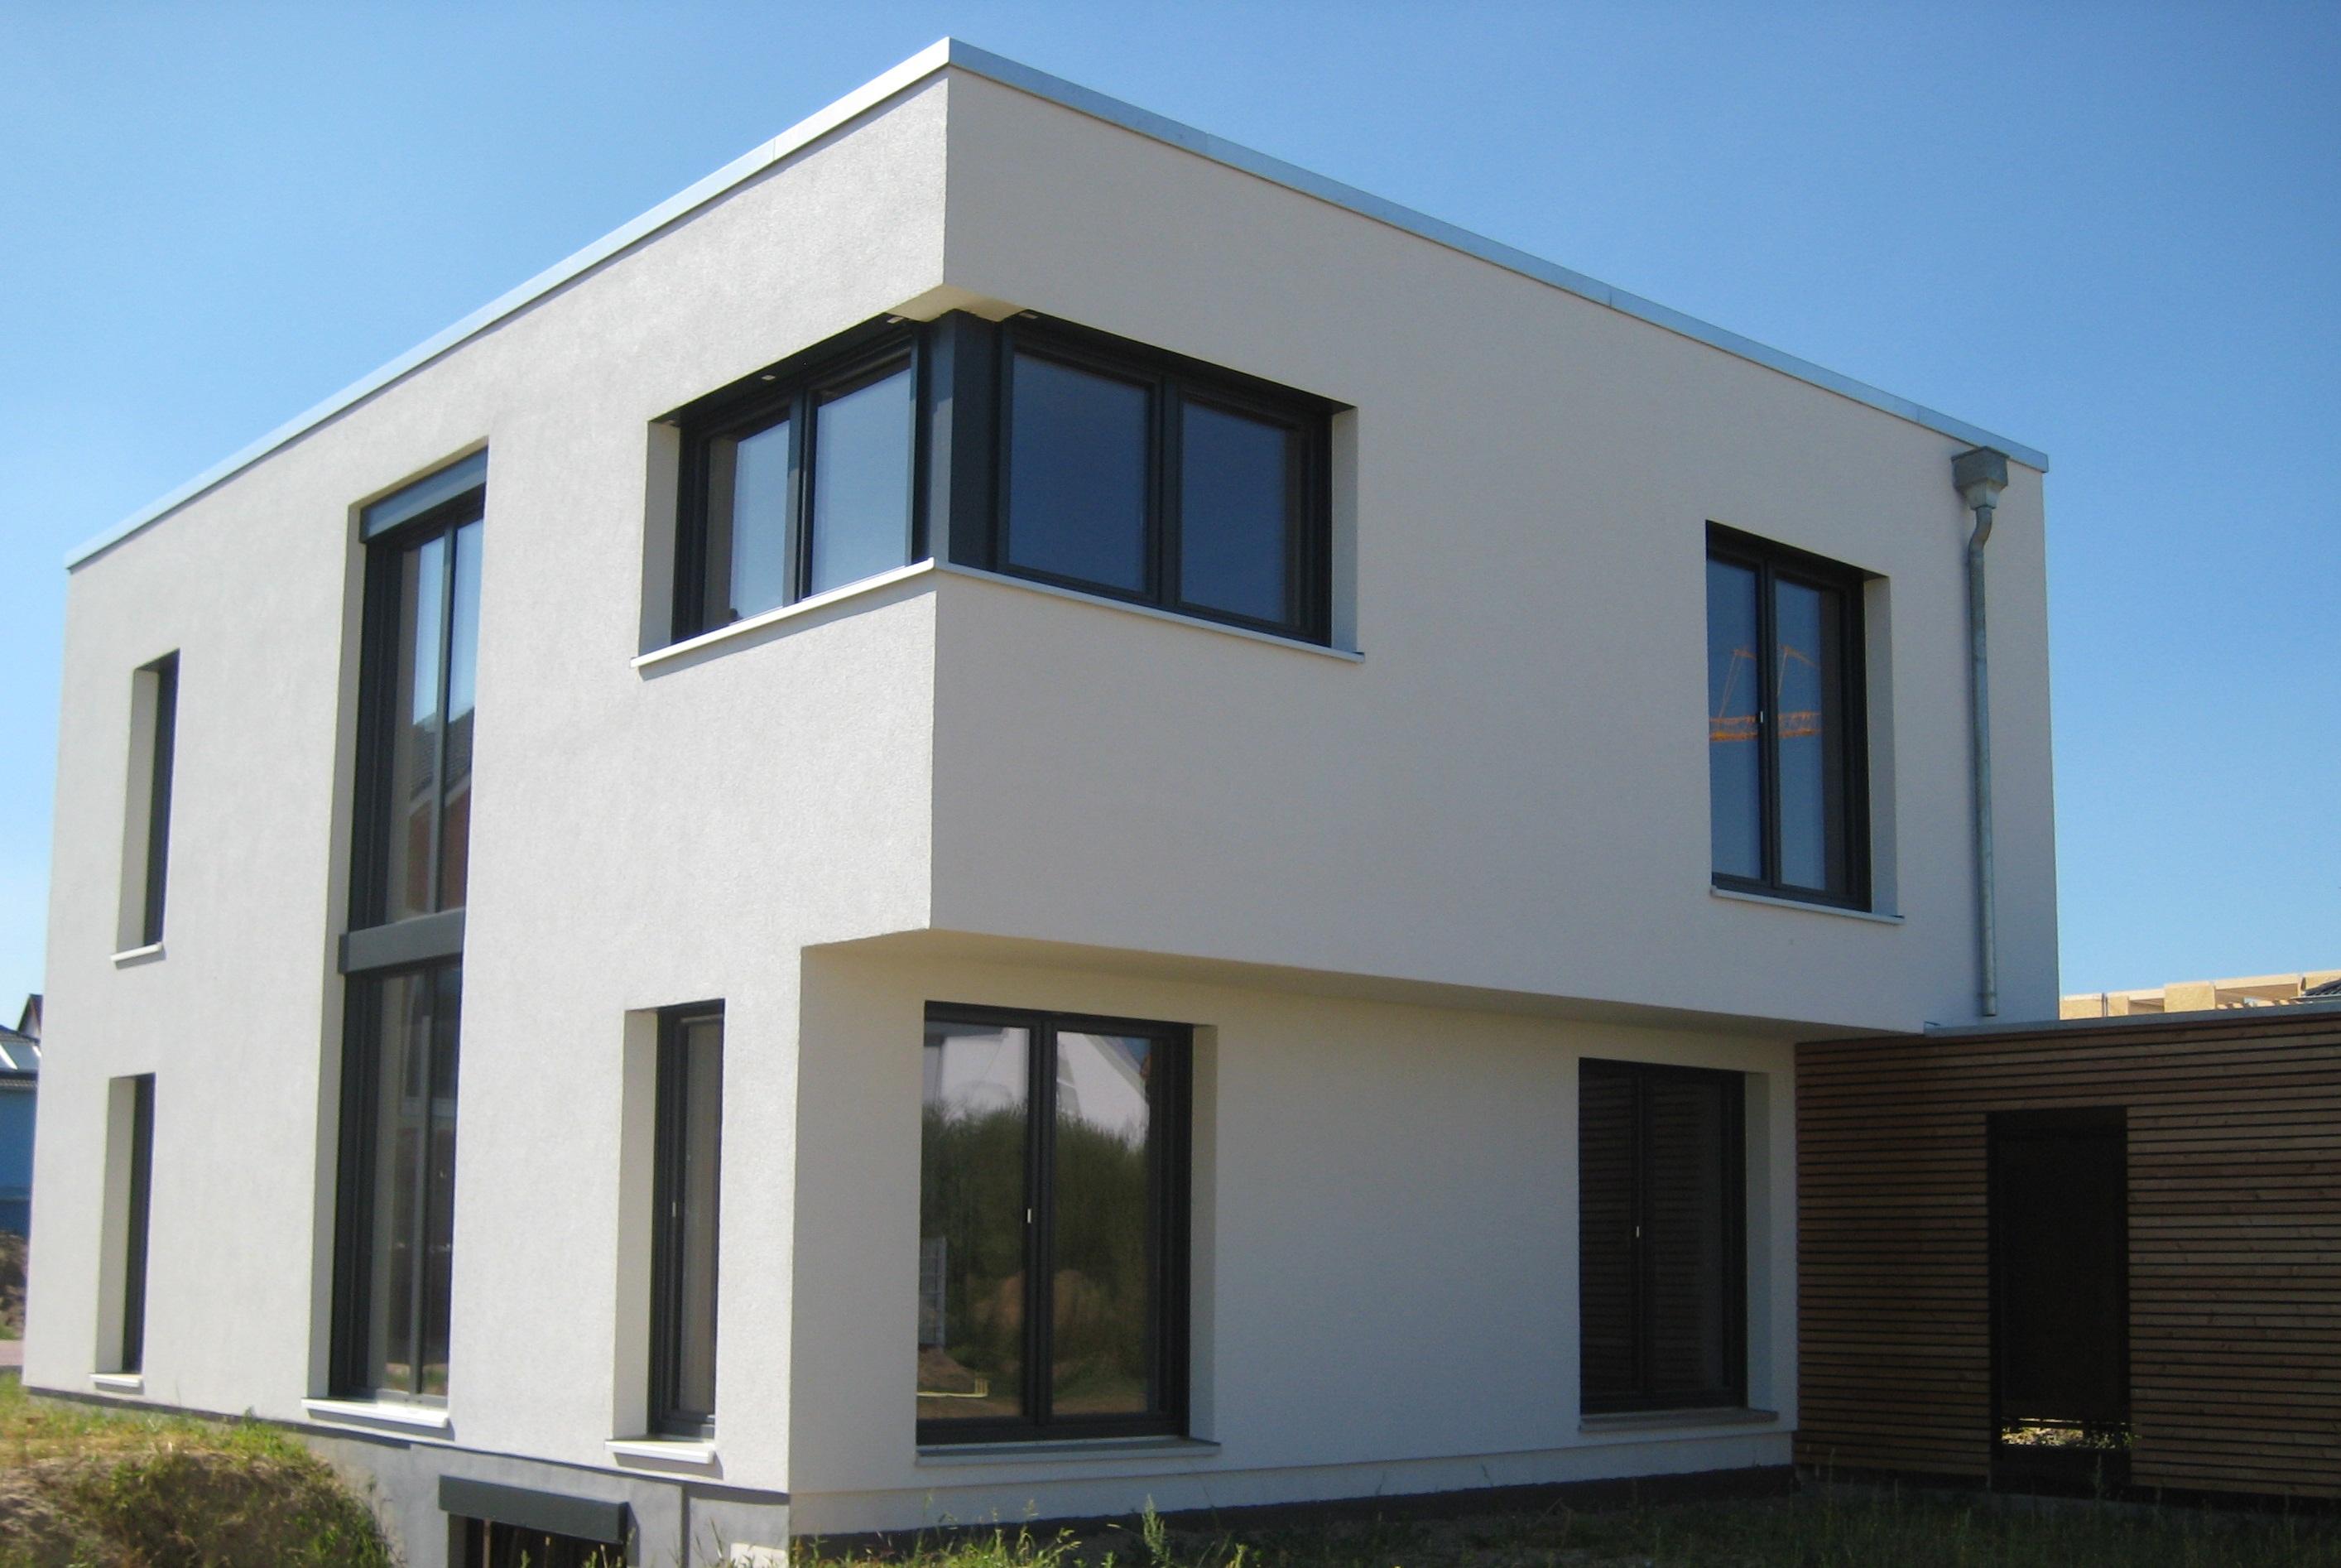 img_1331_passivhaus-mit-carport_zuschnitt